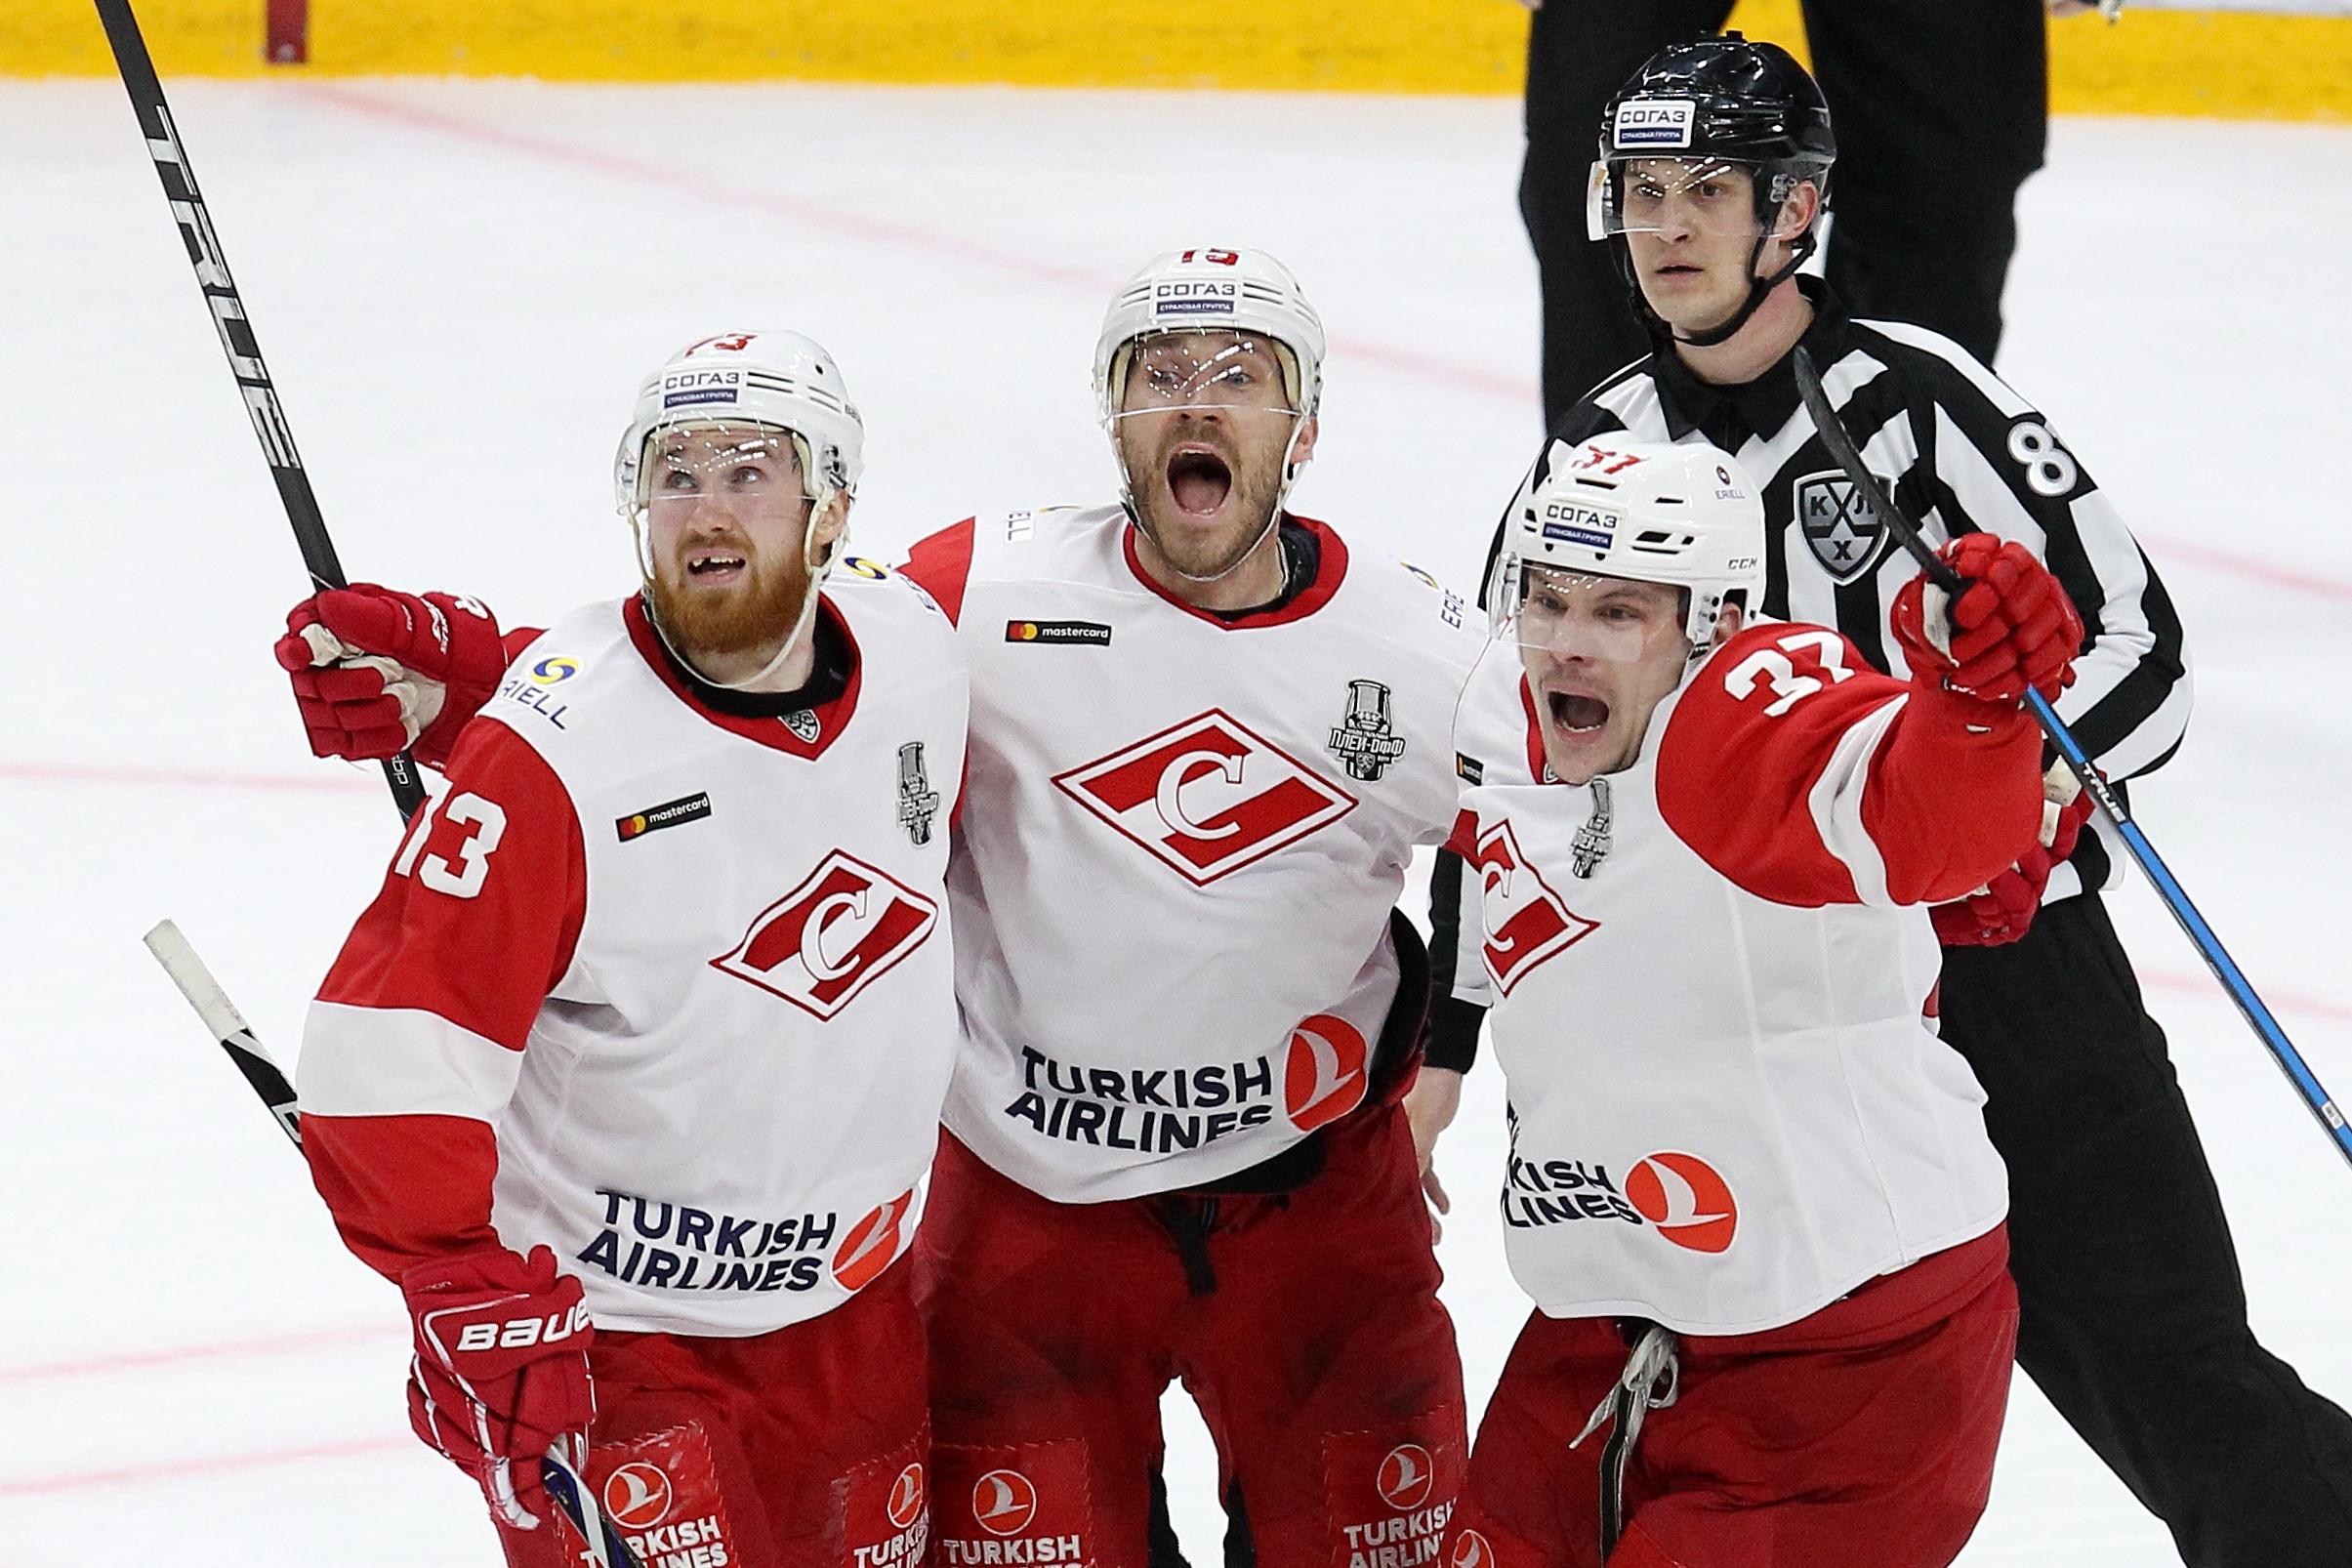 «Спартак» может выбить СКА из плей-офф КХЛ. Что это за команда